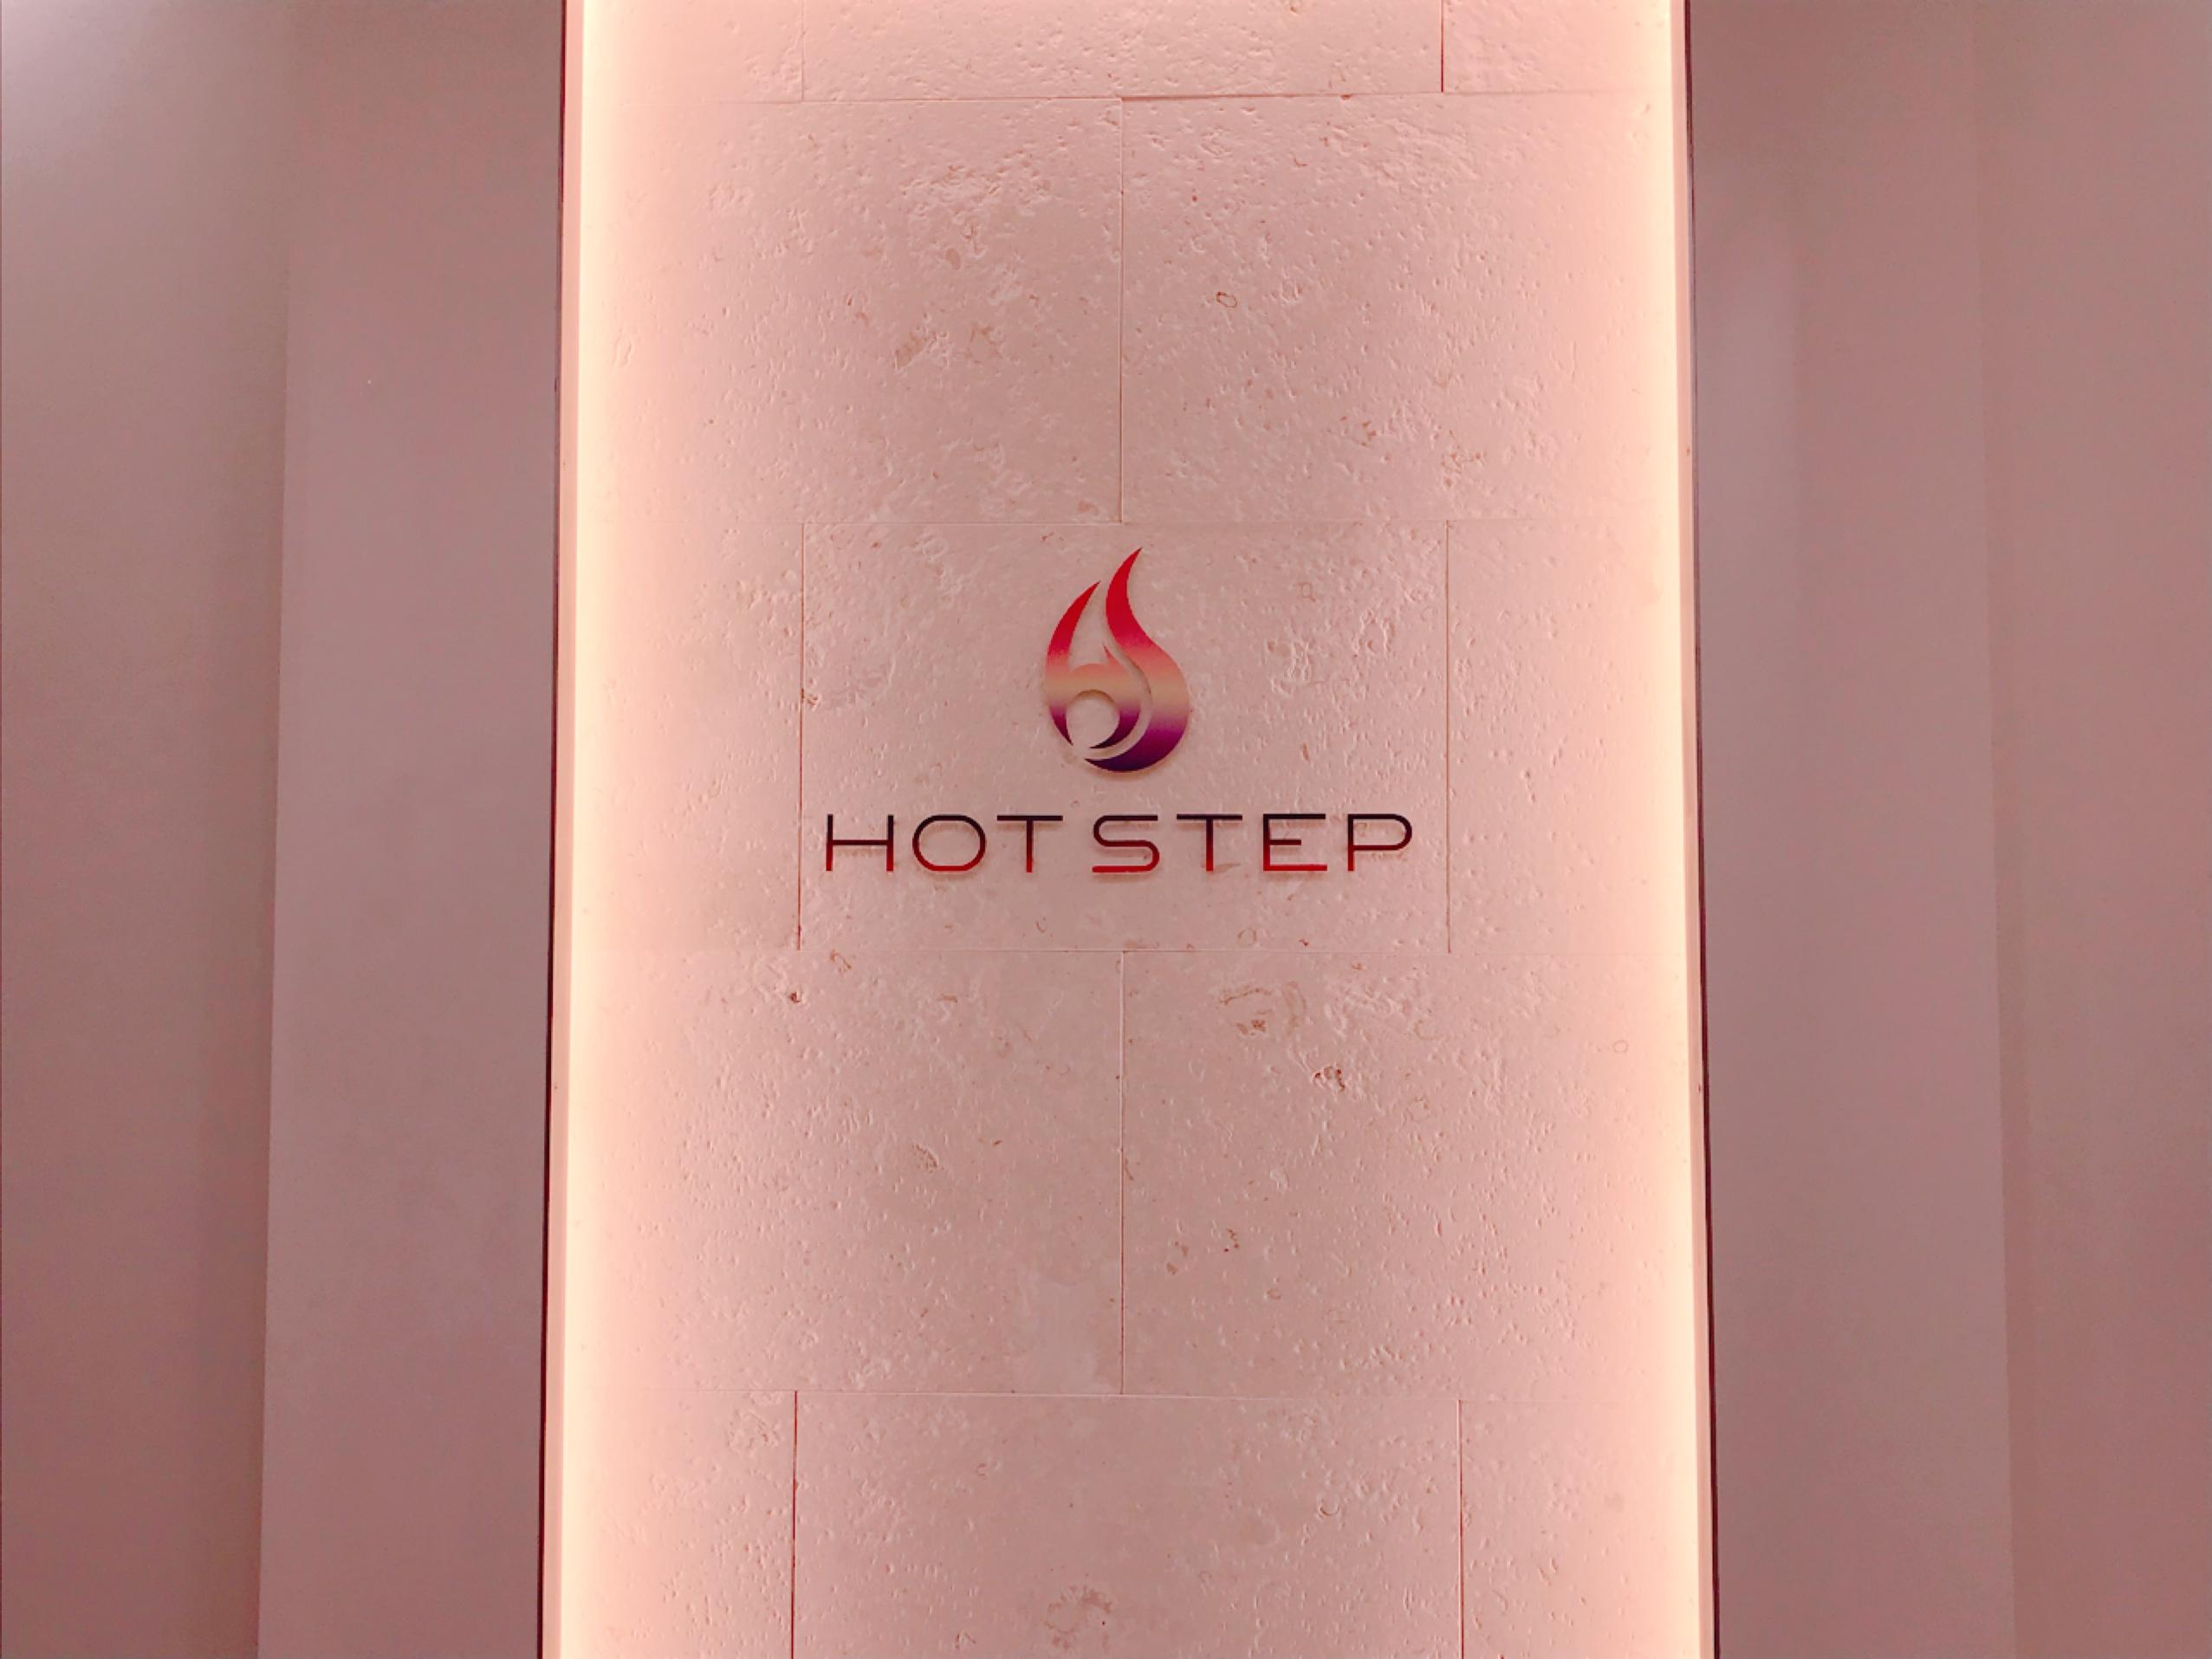 高温暗闇フィットネス♡HOT STEP